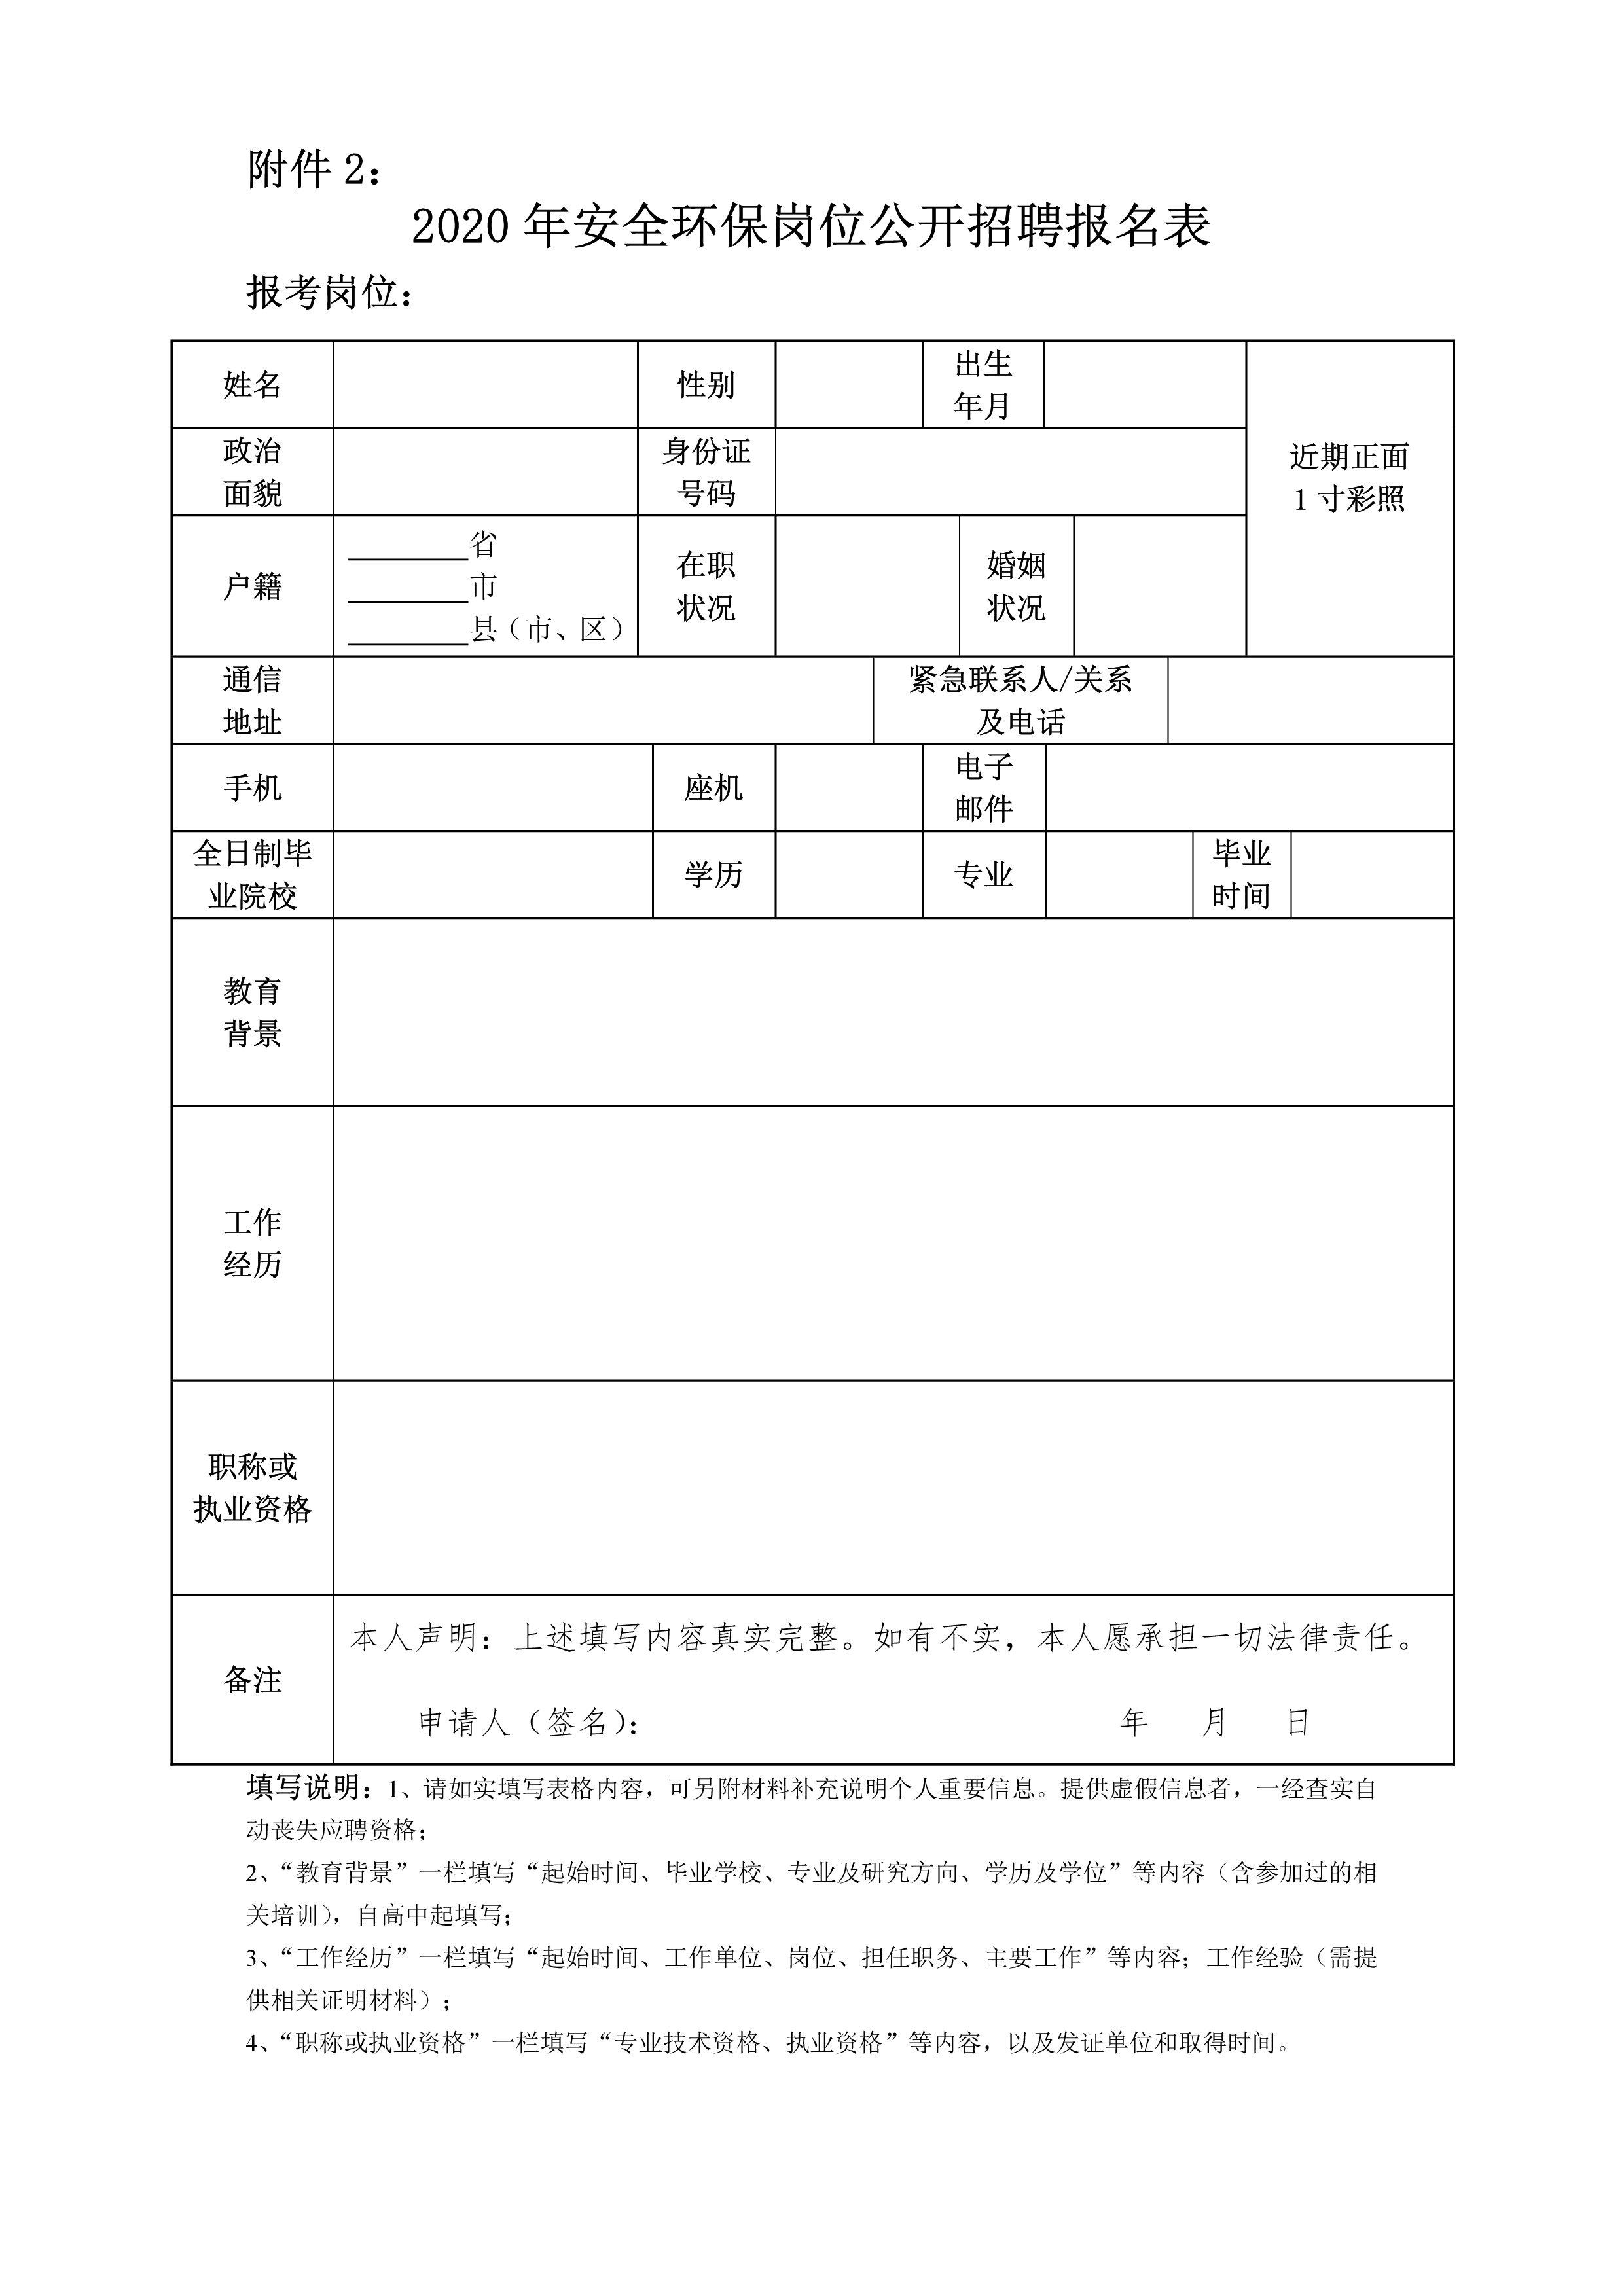 kufo6-u04oy-001.jpg